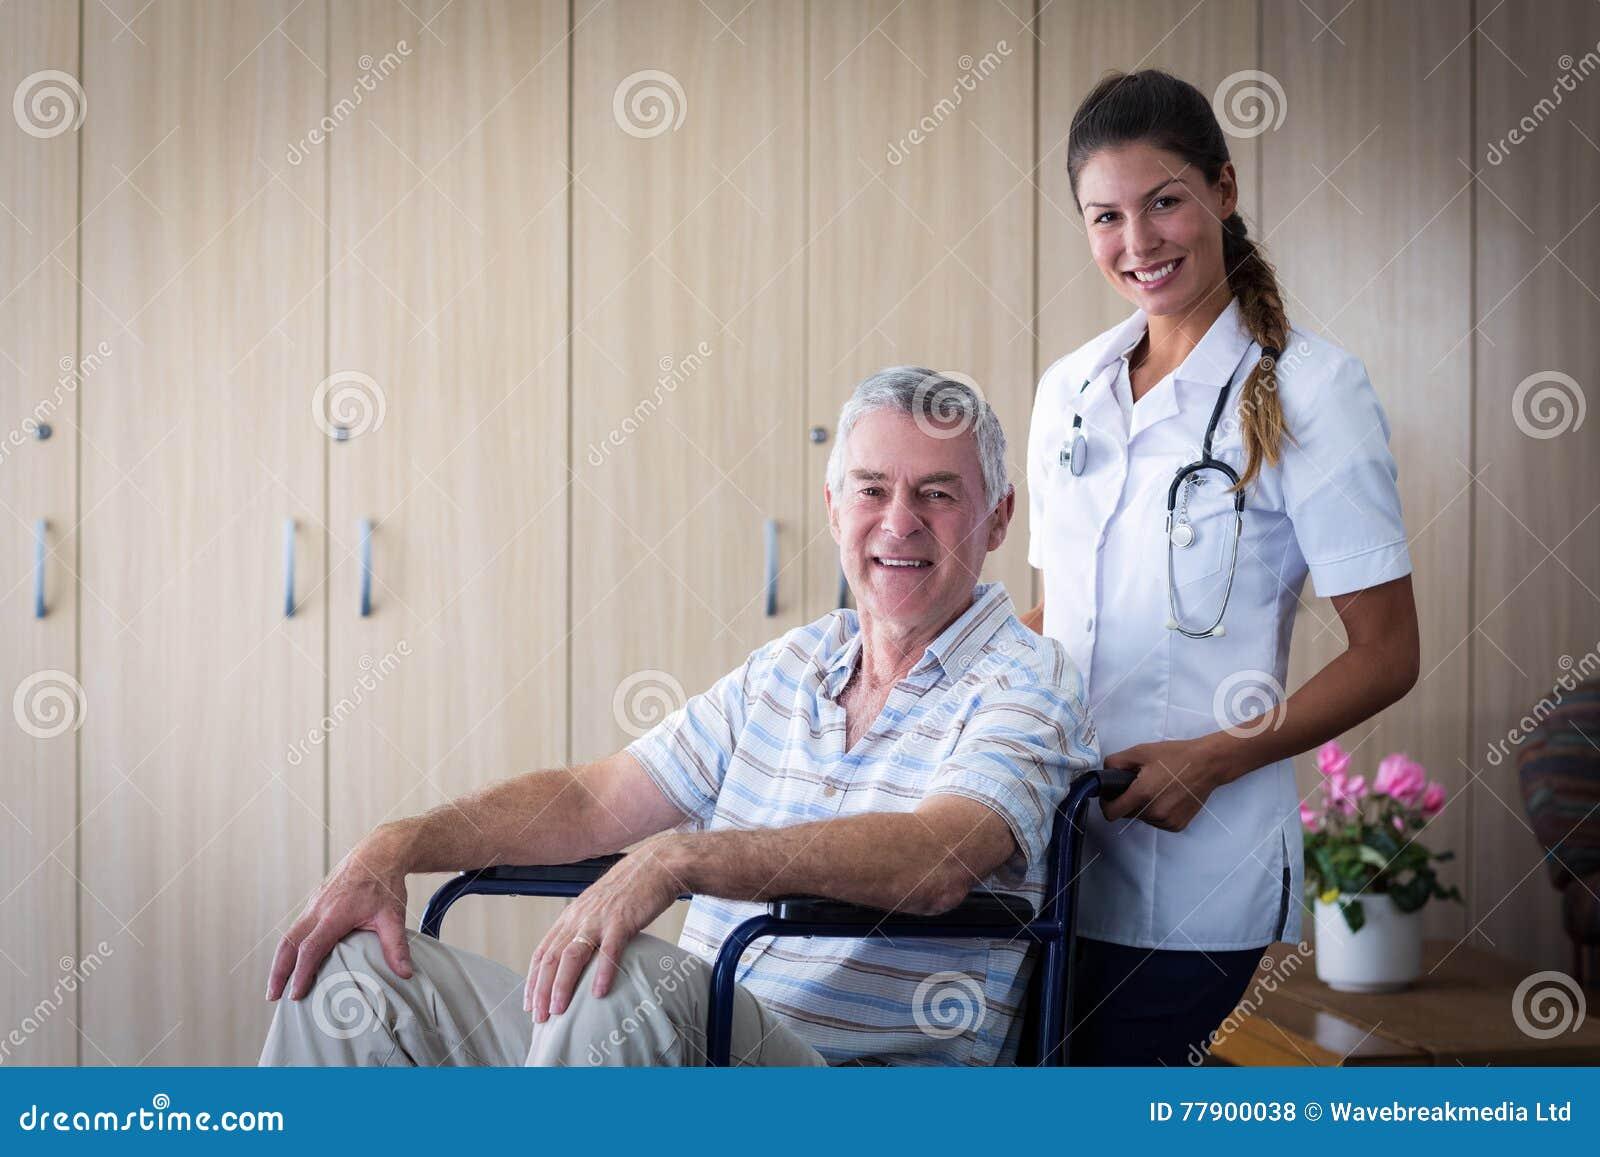 Porträt des lächelnden älteren Mannes und der Ärztin im Wohnzimmer